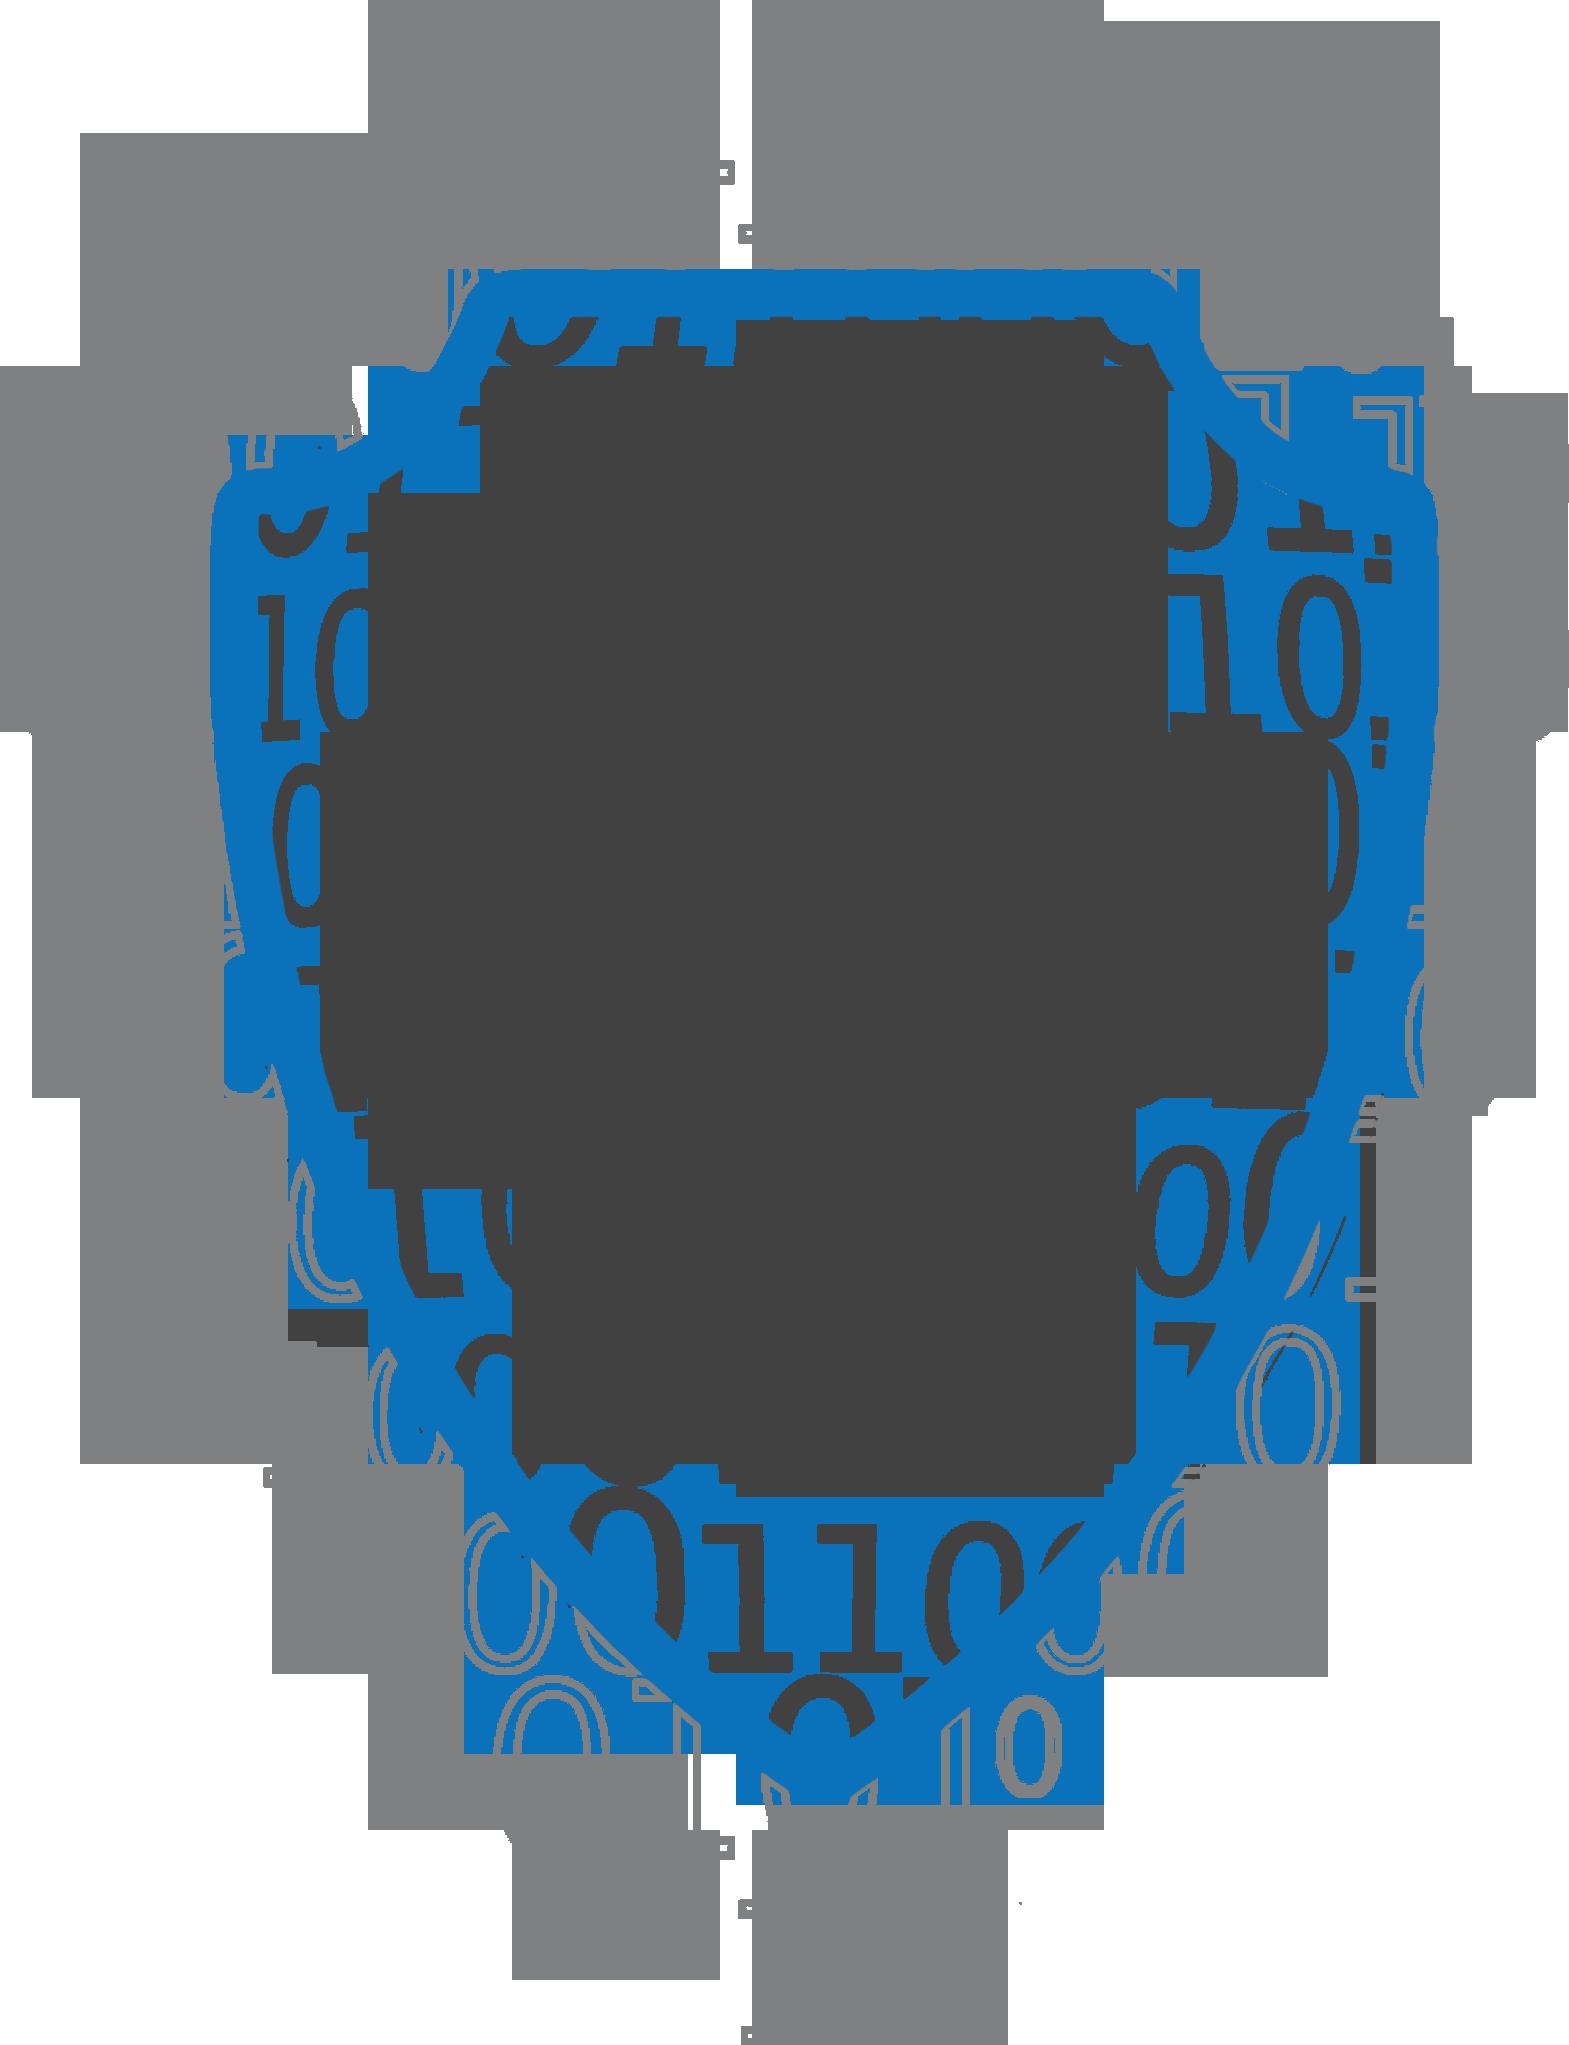 """مركز التميز لأمن المعلومات يوقع اتفاقية مع """"القرار الآمن"""" في أمن البنية التحتيّة"""